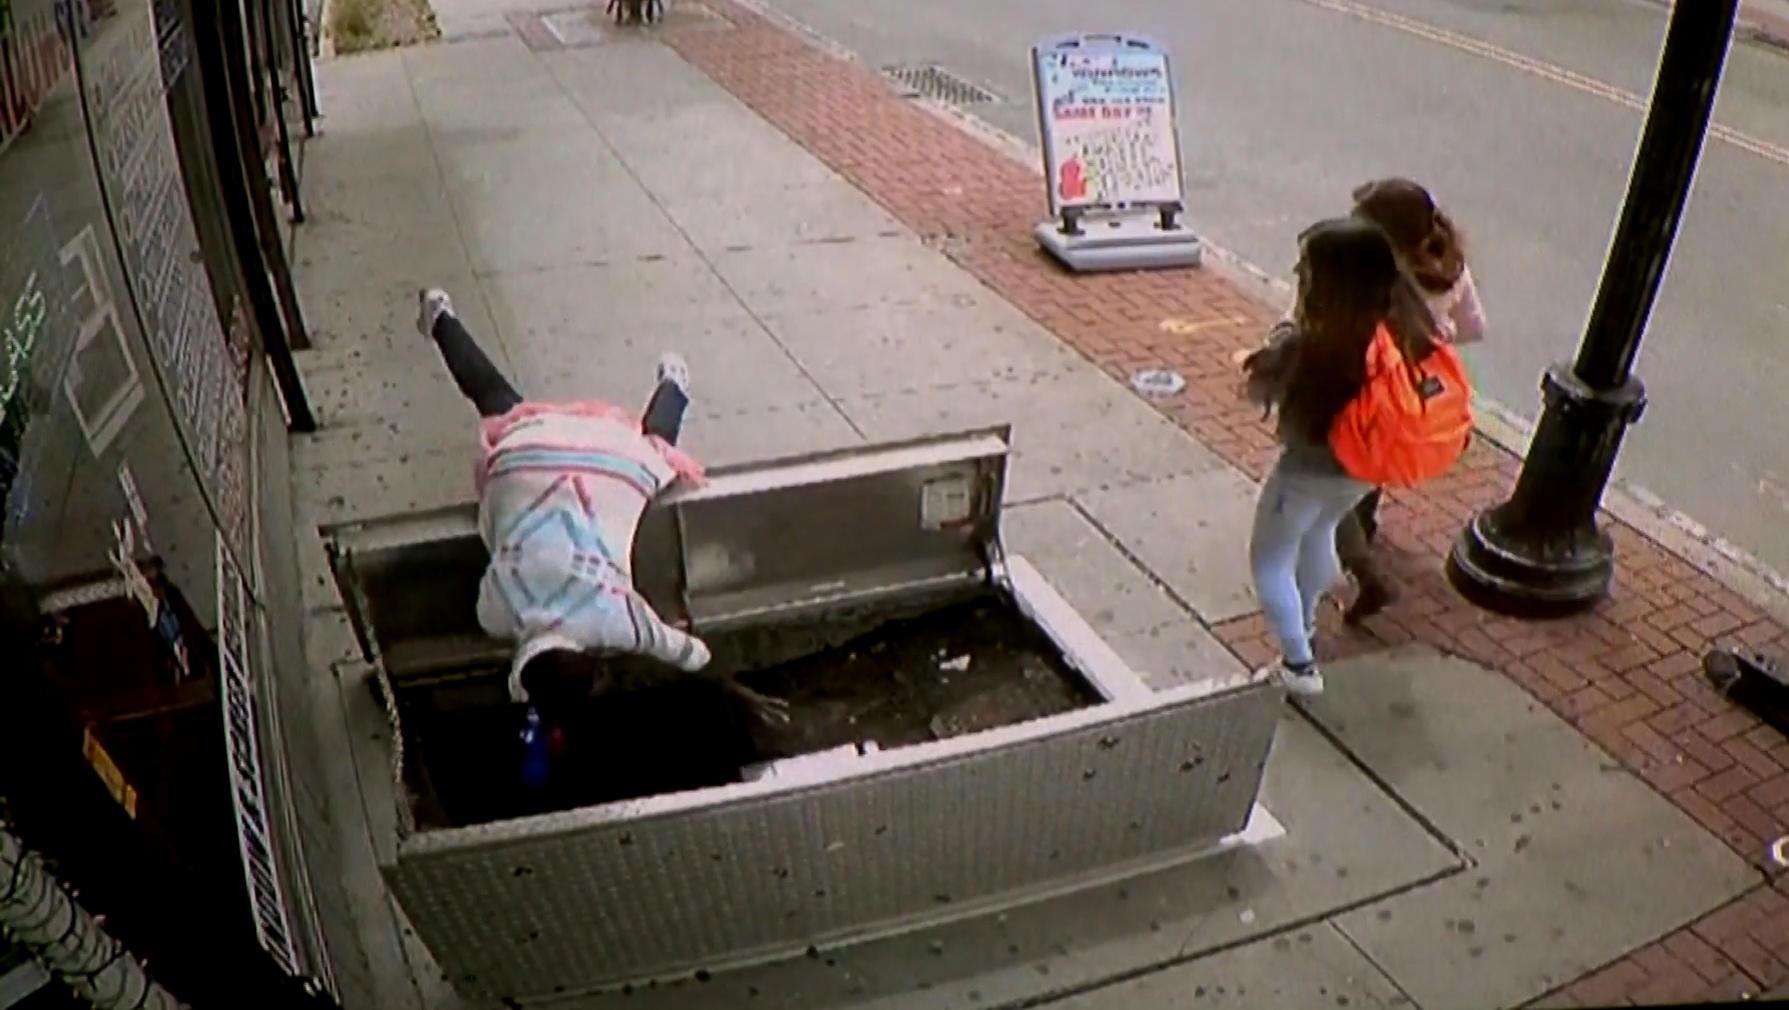 Анекдот: Стоит заика на улице, смотрит — открытый люк и…